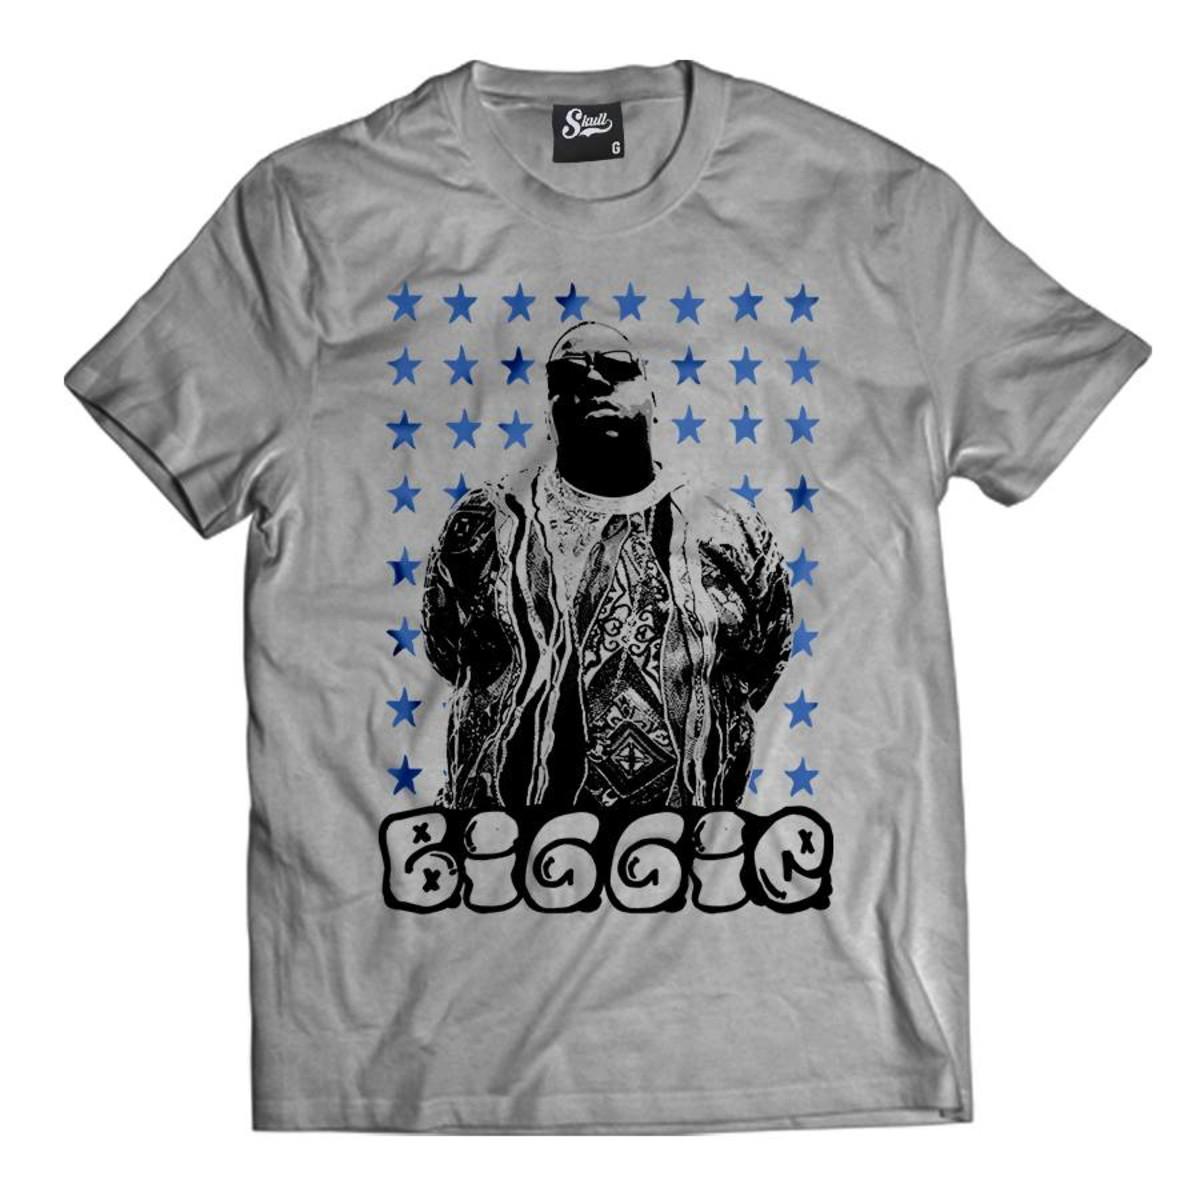 1b5f531cc088c Camiseta Biggie Star Masculina Notorious Big Rapper Hip Hop no Elo7 ...